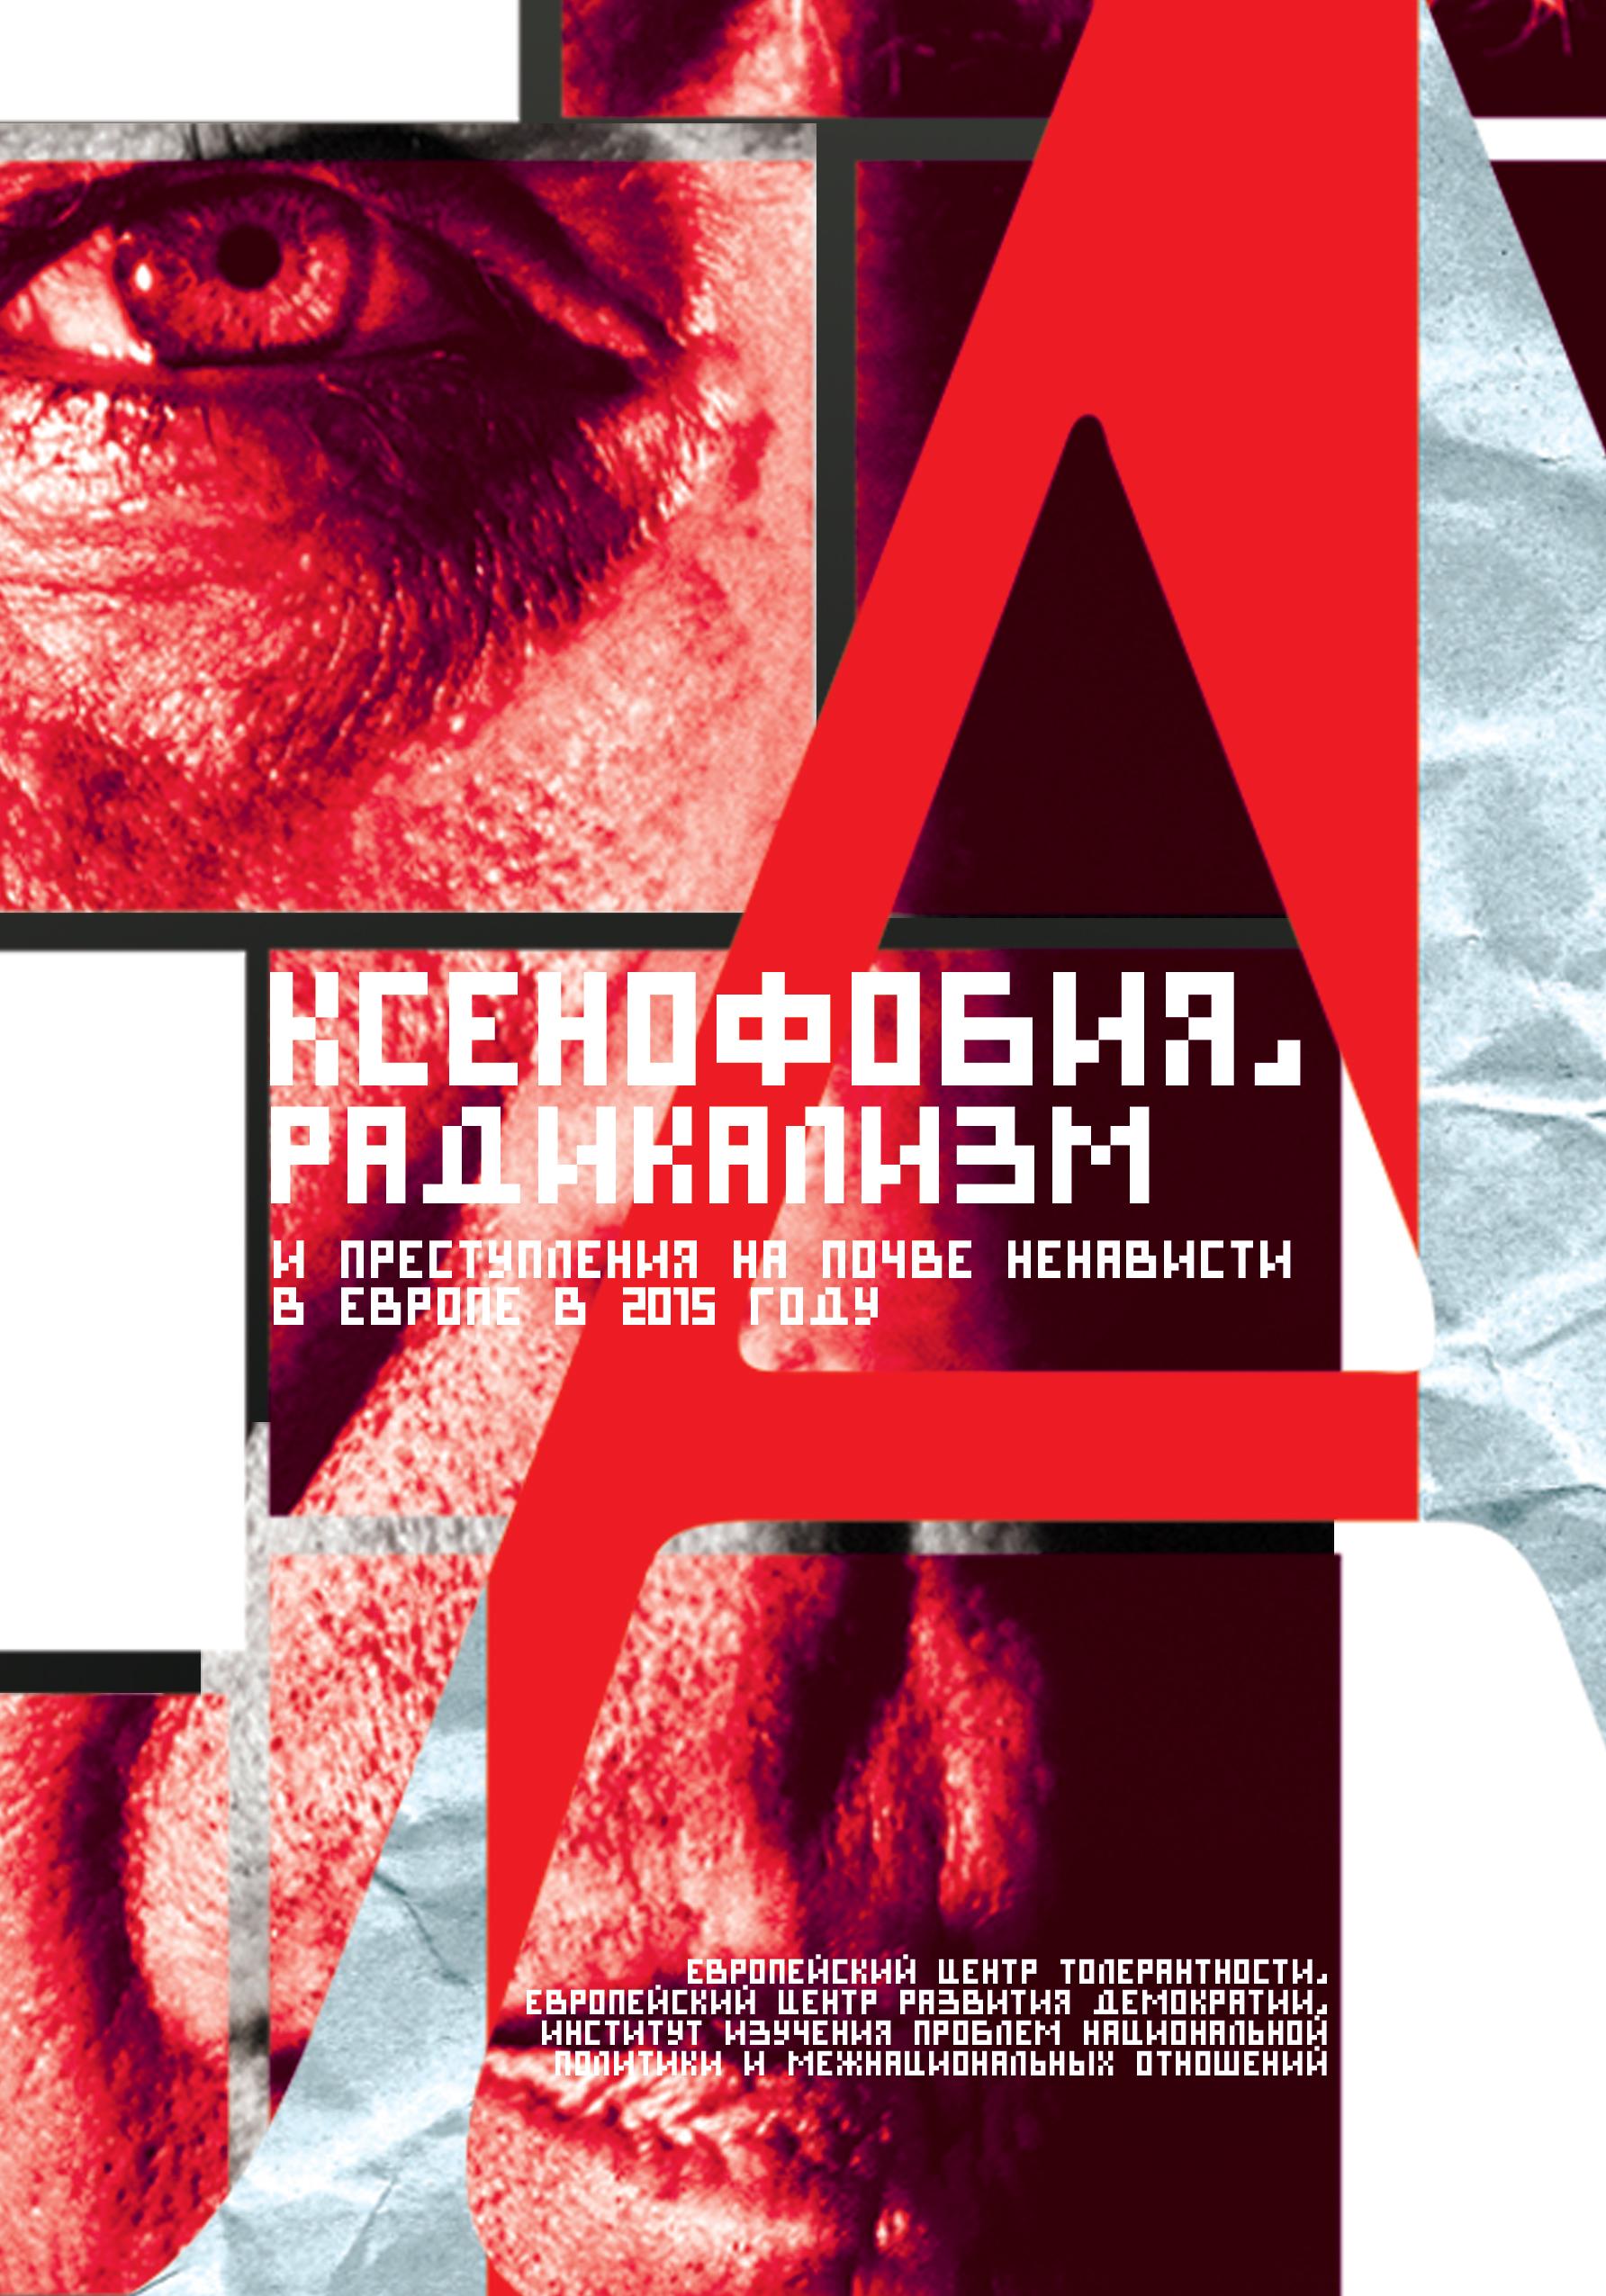 Коллектив авторов Ксенофобия, радикализм и преступления на почве ненависти в Европе в 2015 году